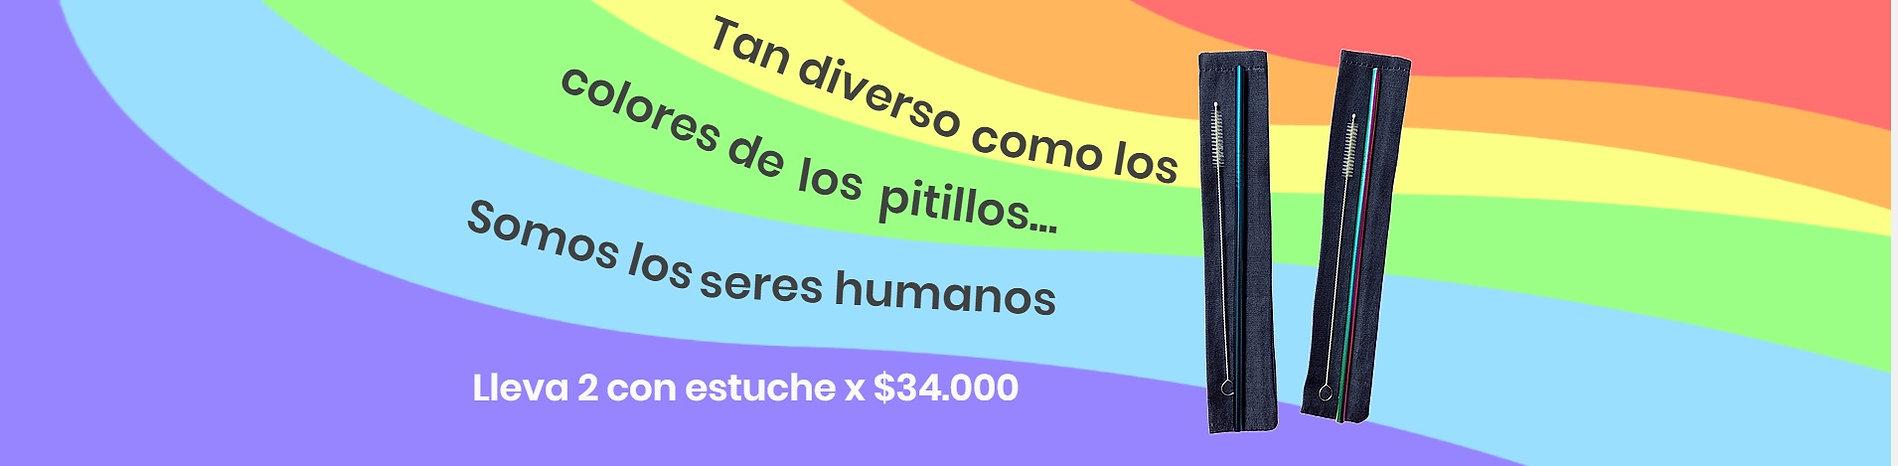 Banner Diversidad Pitillos.jpg